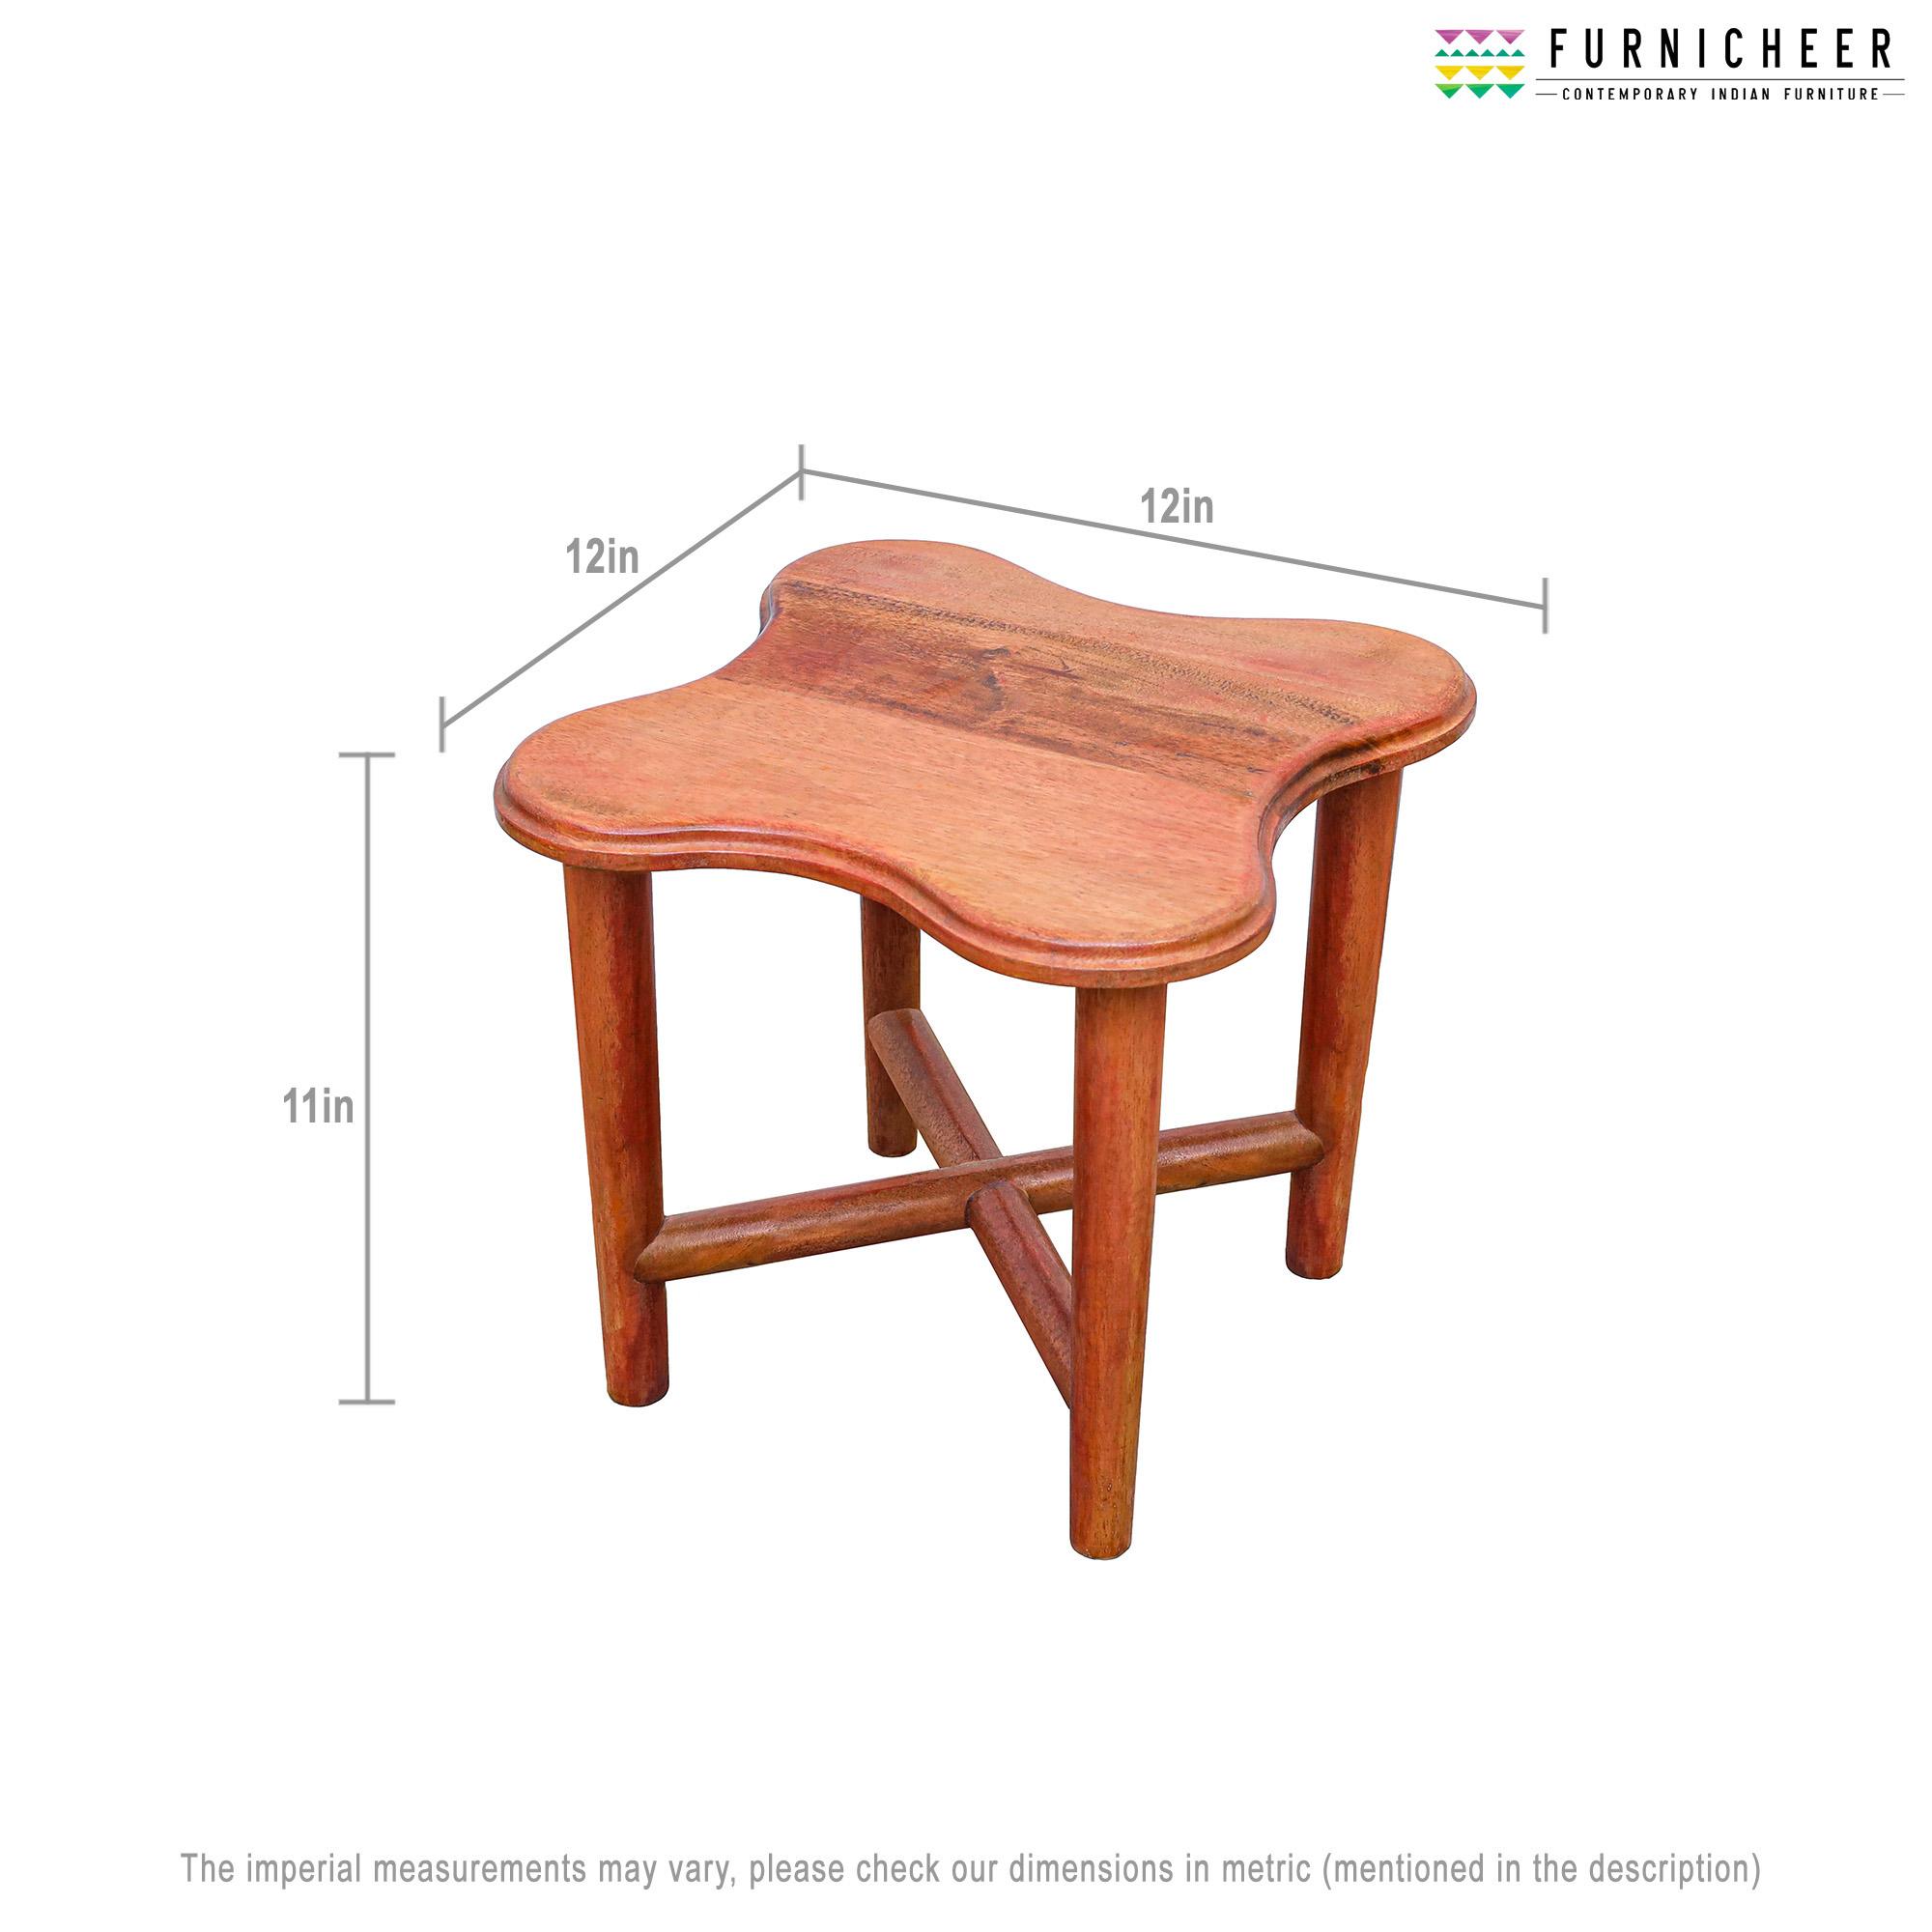 TABLE TBBX7469-3